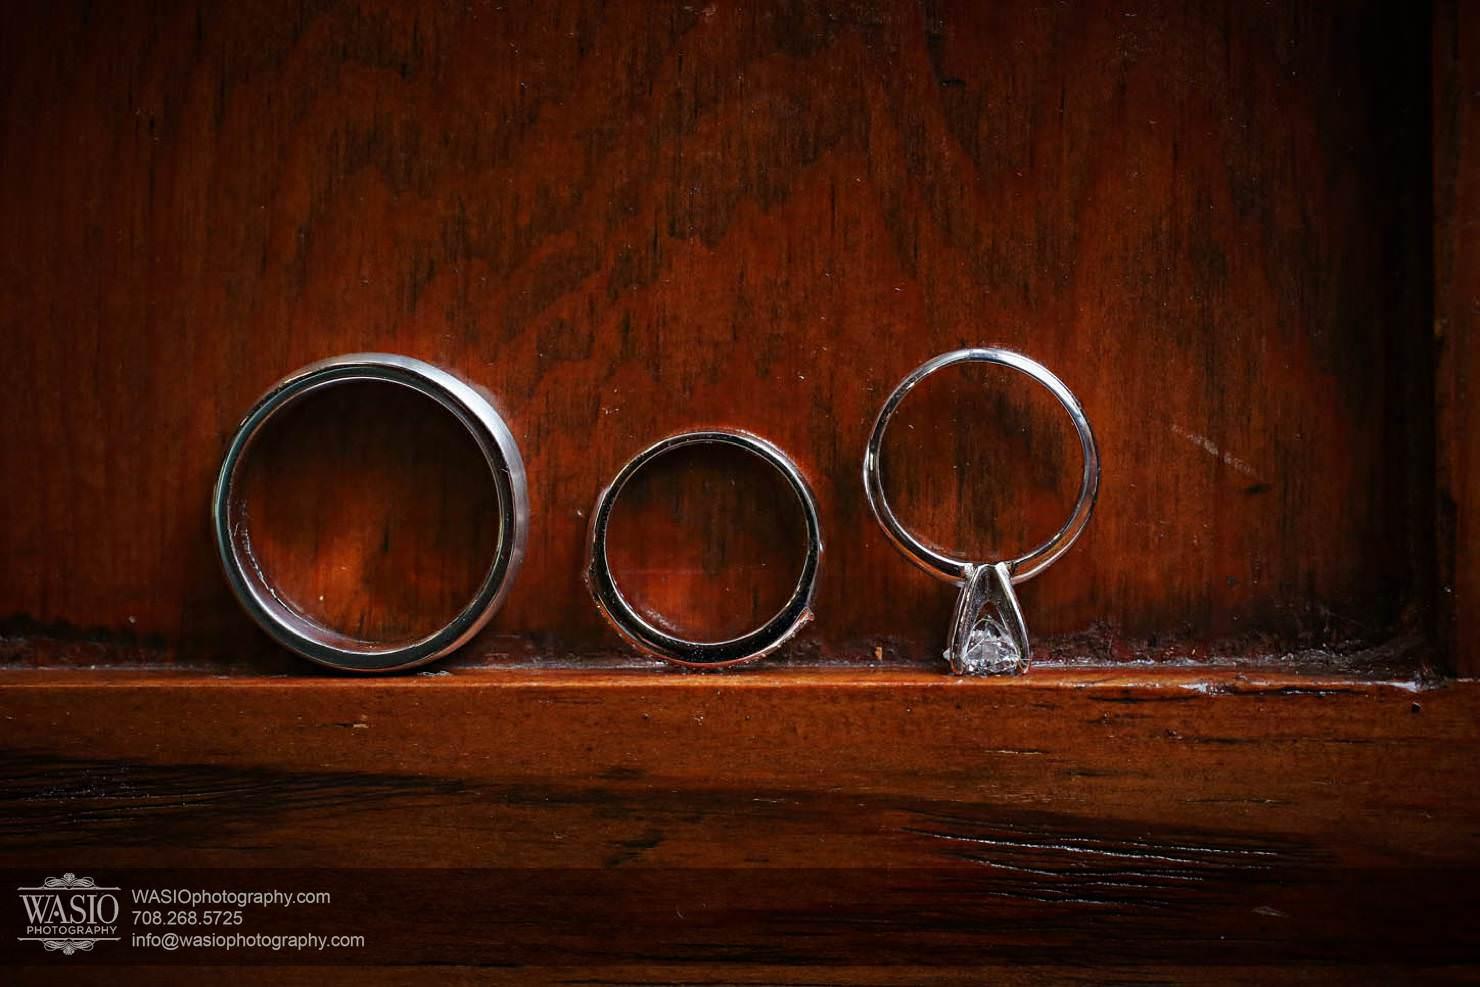 weddin-rings-band Chevy Chase Country Club Wedding - Elizabeth & Michael